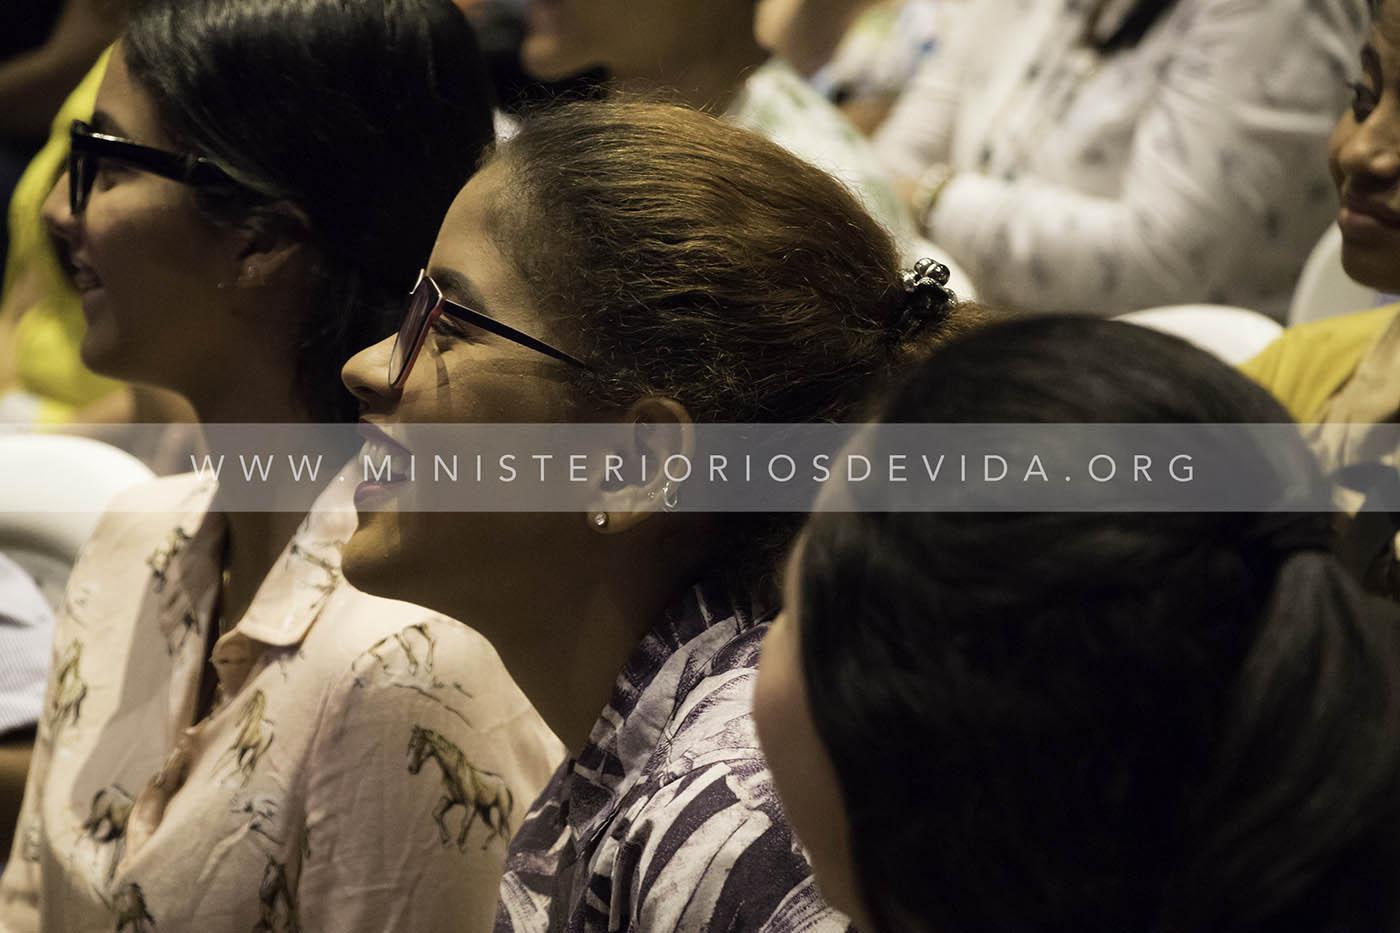 ¿Por Qué Es Importante Orar?